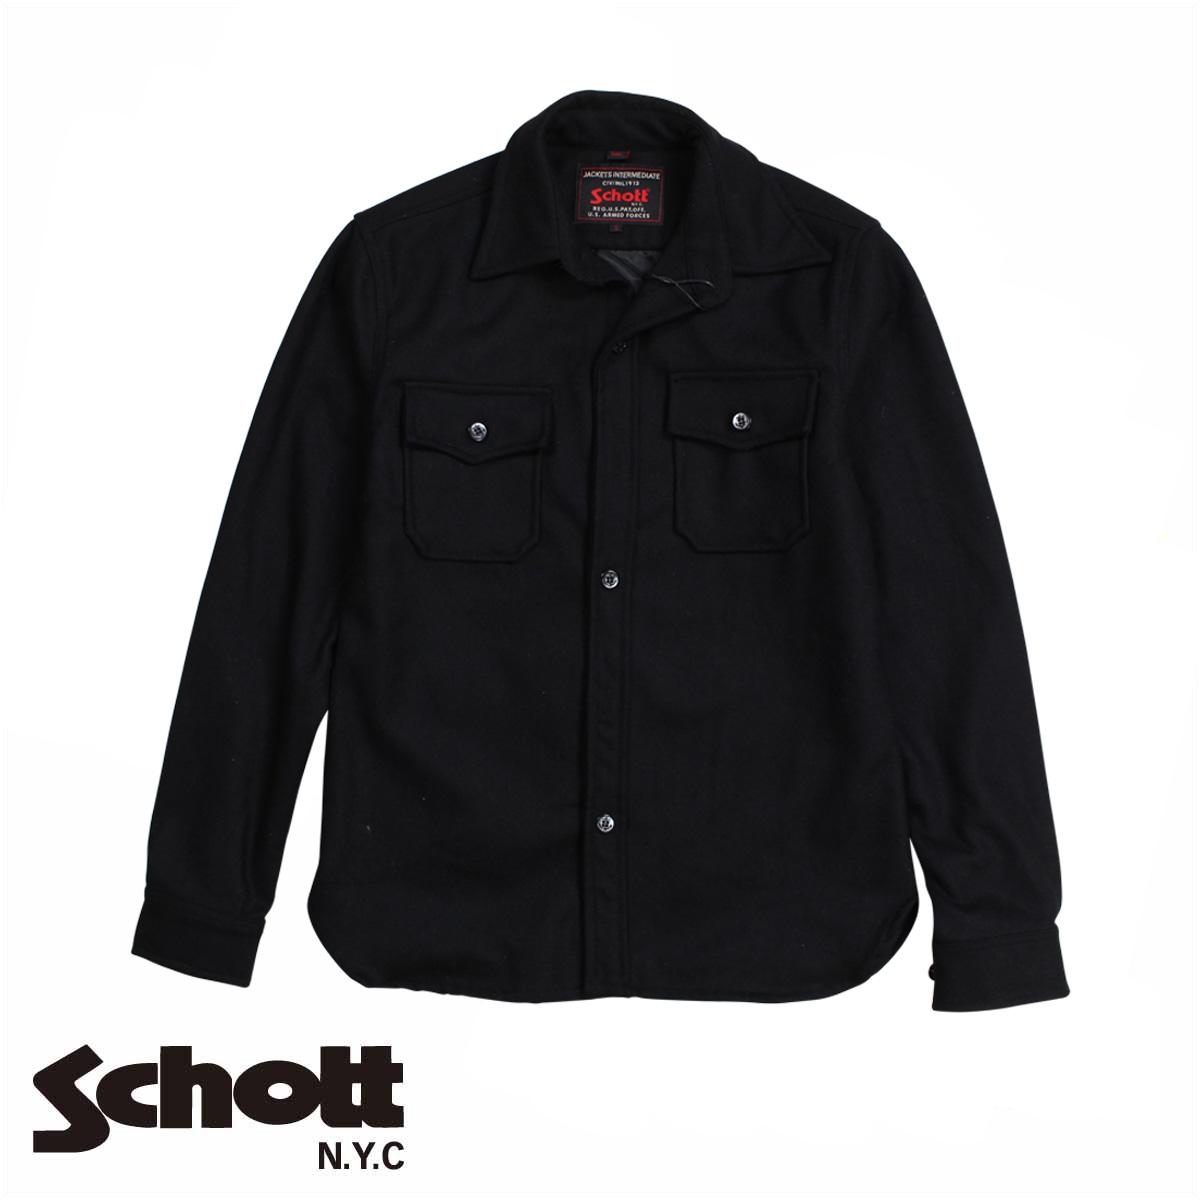 【訳あり】 ショット Schott ジャケット シャツジャケット メンズ EMBELLISHED CPO WOOL SHIRT ブラック 黒 7710